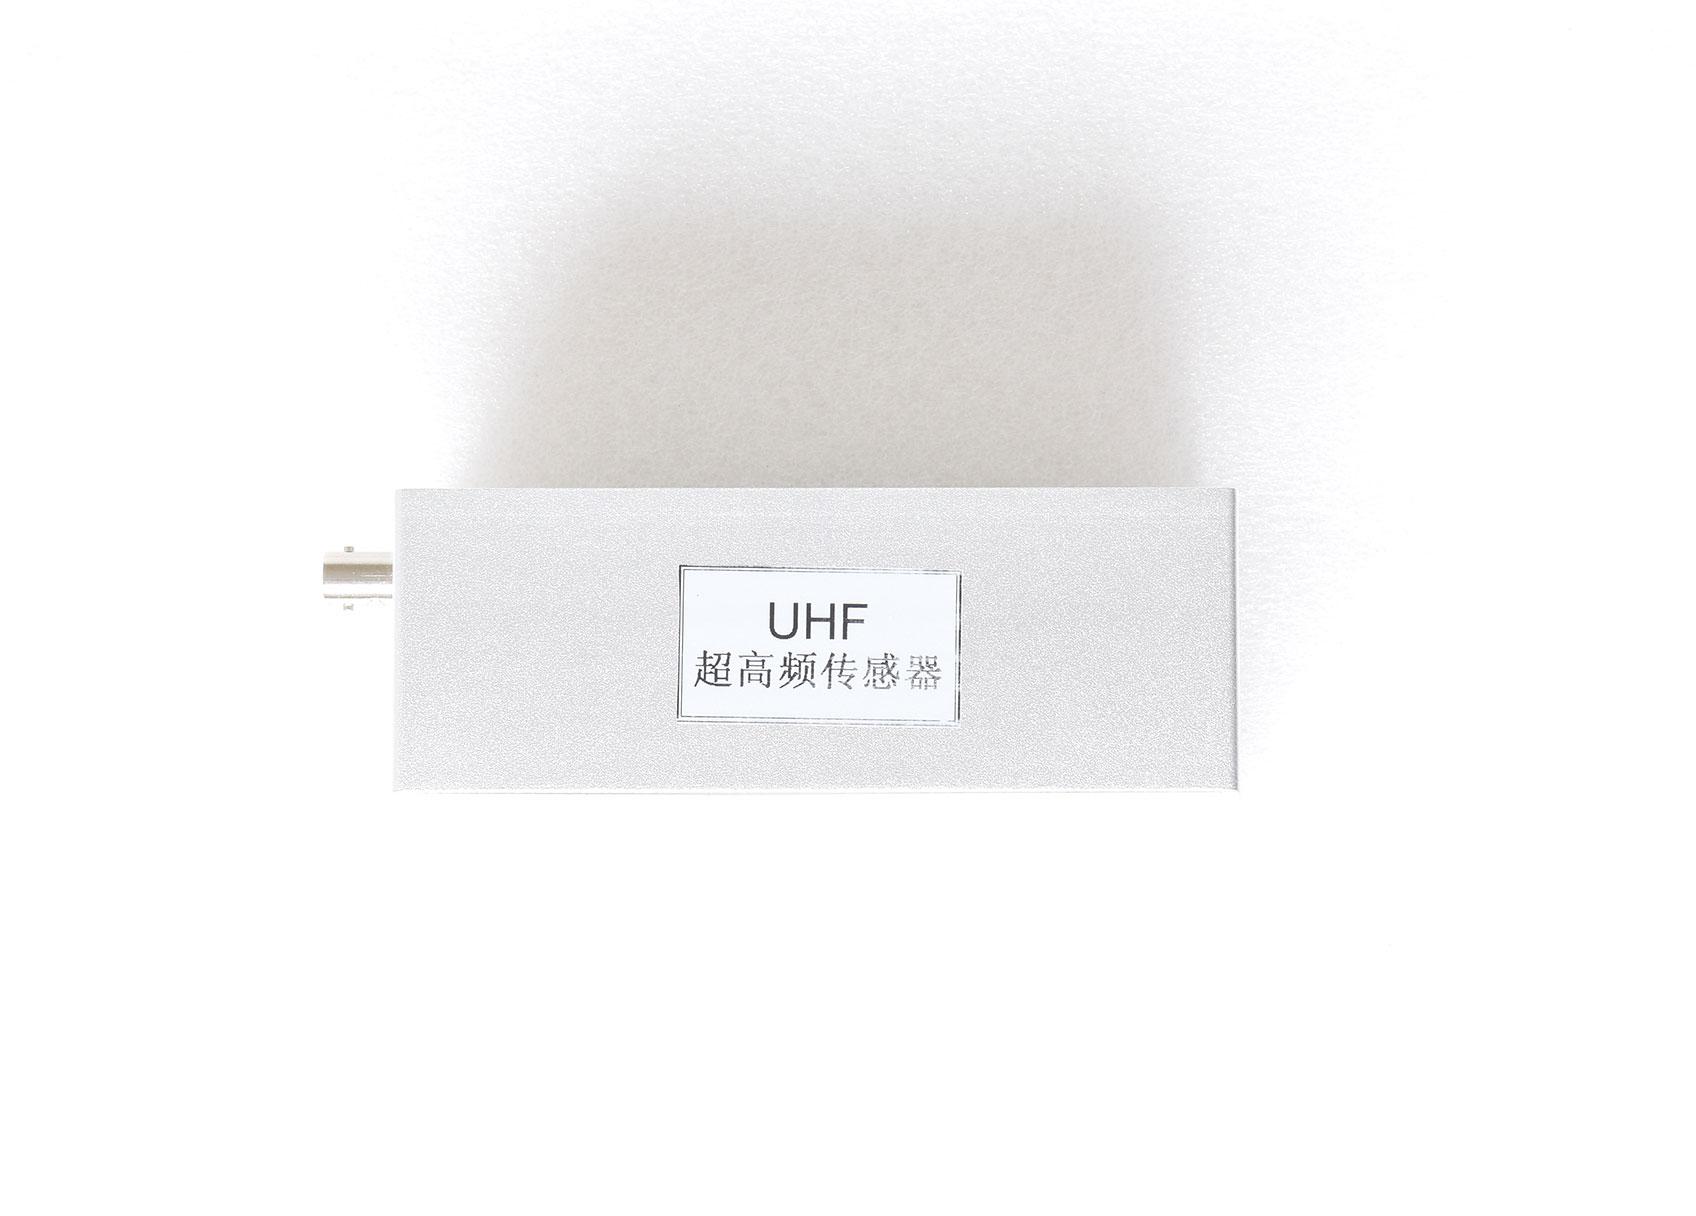 YTC3003手持式局放测试仪UHF超高频传感器